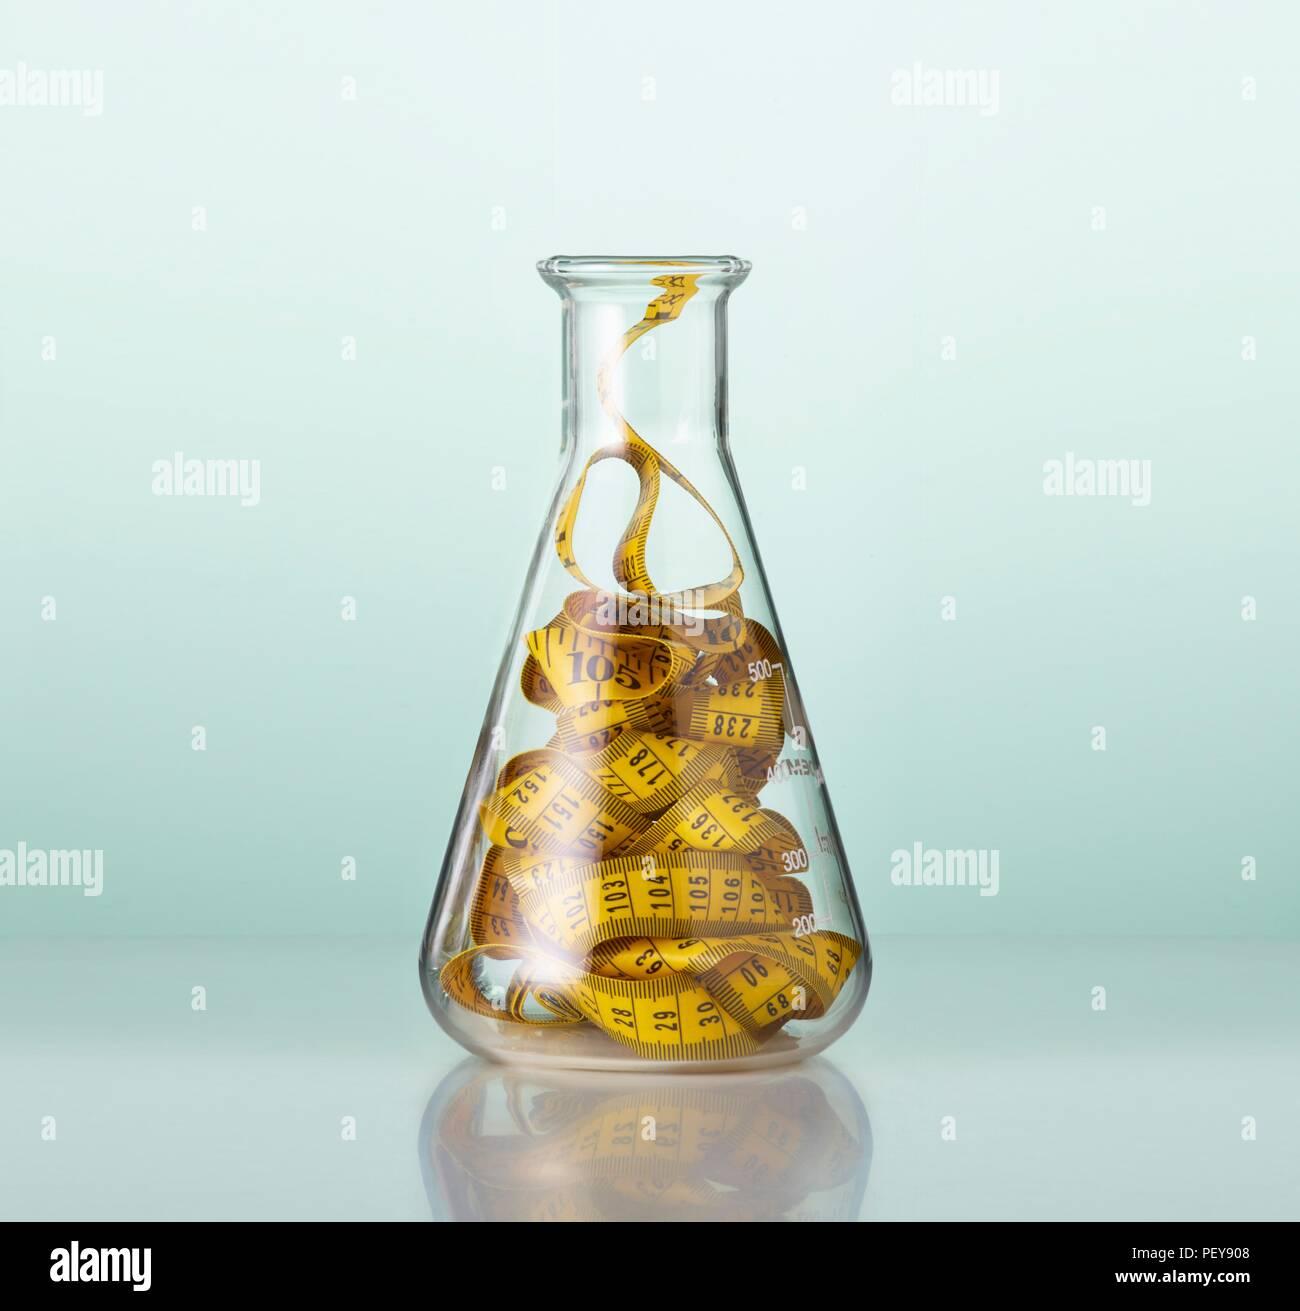 El material de vidrio de laboratorio con las medidas de longitud de cinta. Imagen De Stock